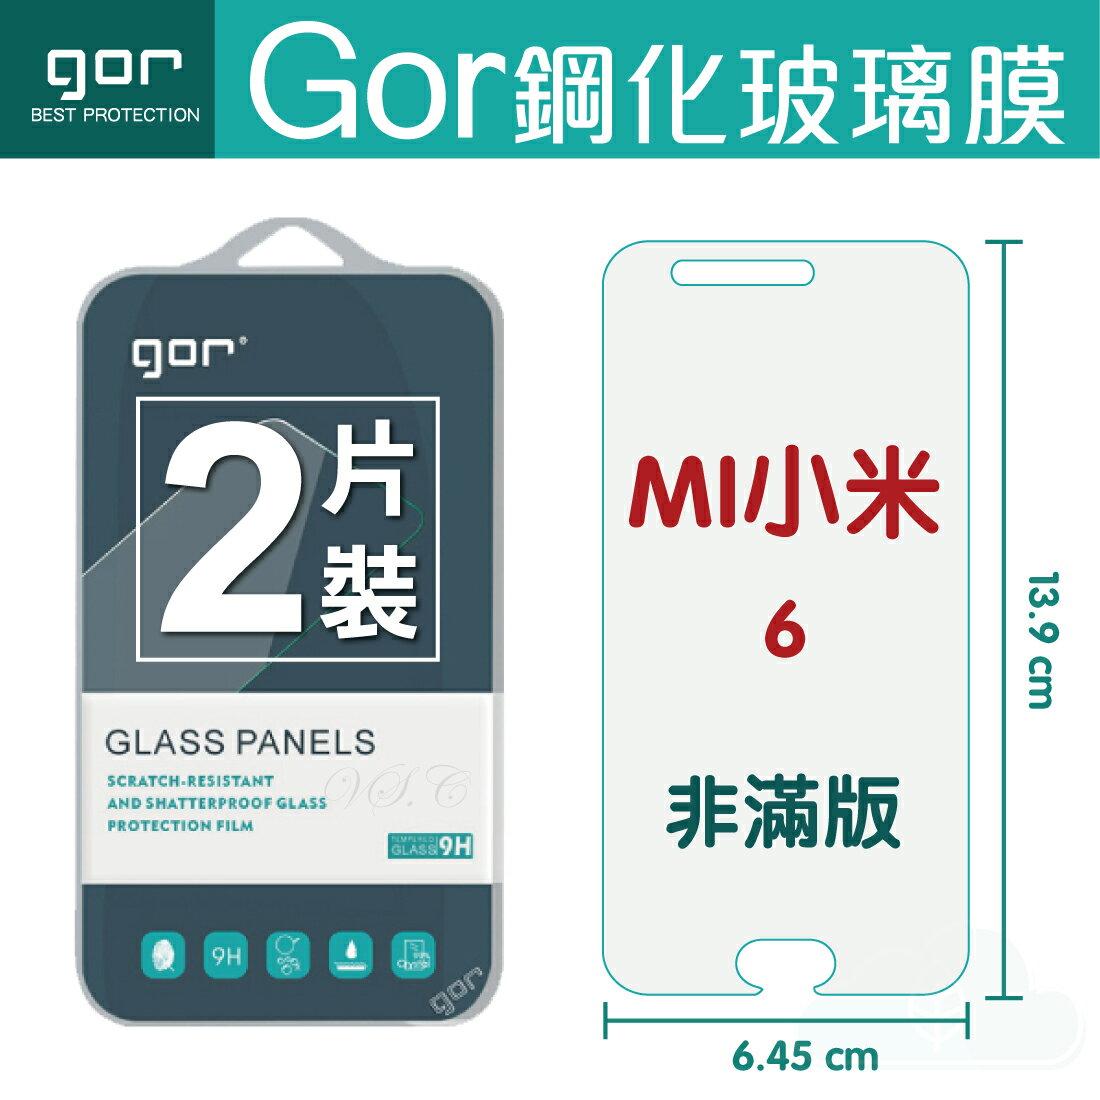 【MI 小米】GOR 9H 小米6 MI6 鋼化 玻璃 保護貼 全透明非滿版 兩片裝另售 空壓殼 清水套 鏡頭膜【全館滿299免運費】